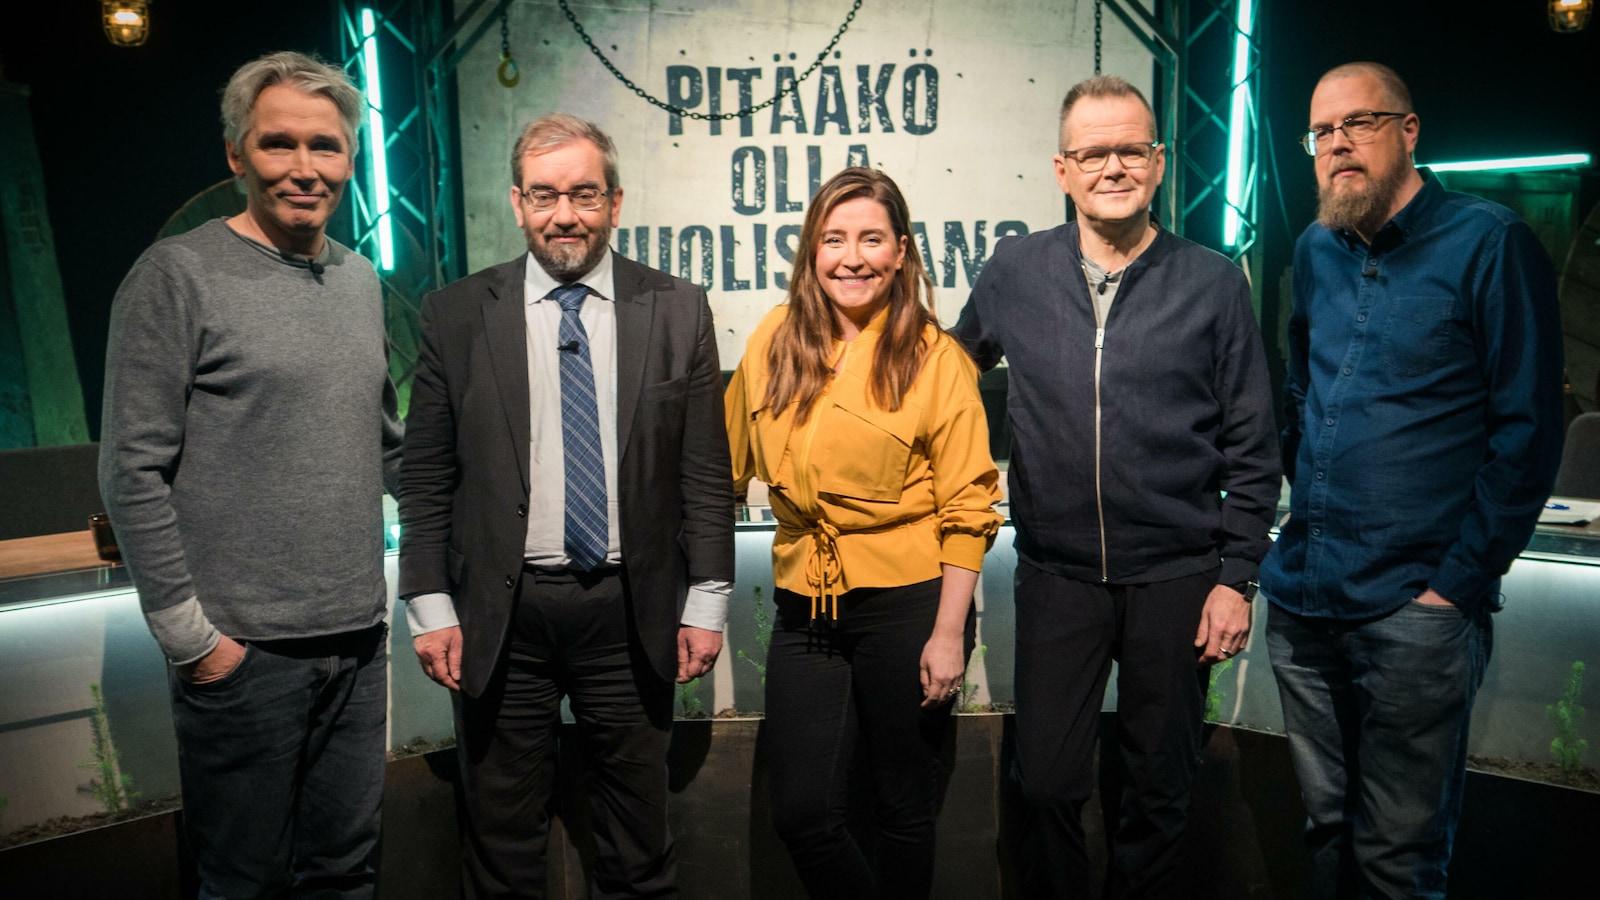 4. Jaakko Hämeen-Anttila